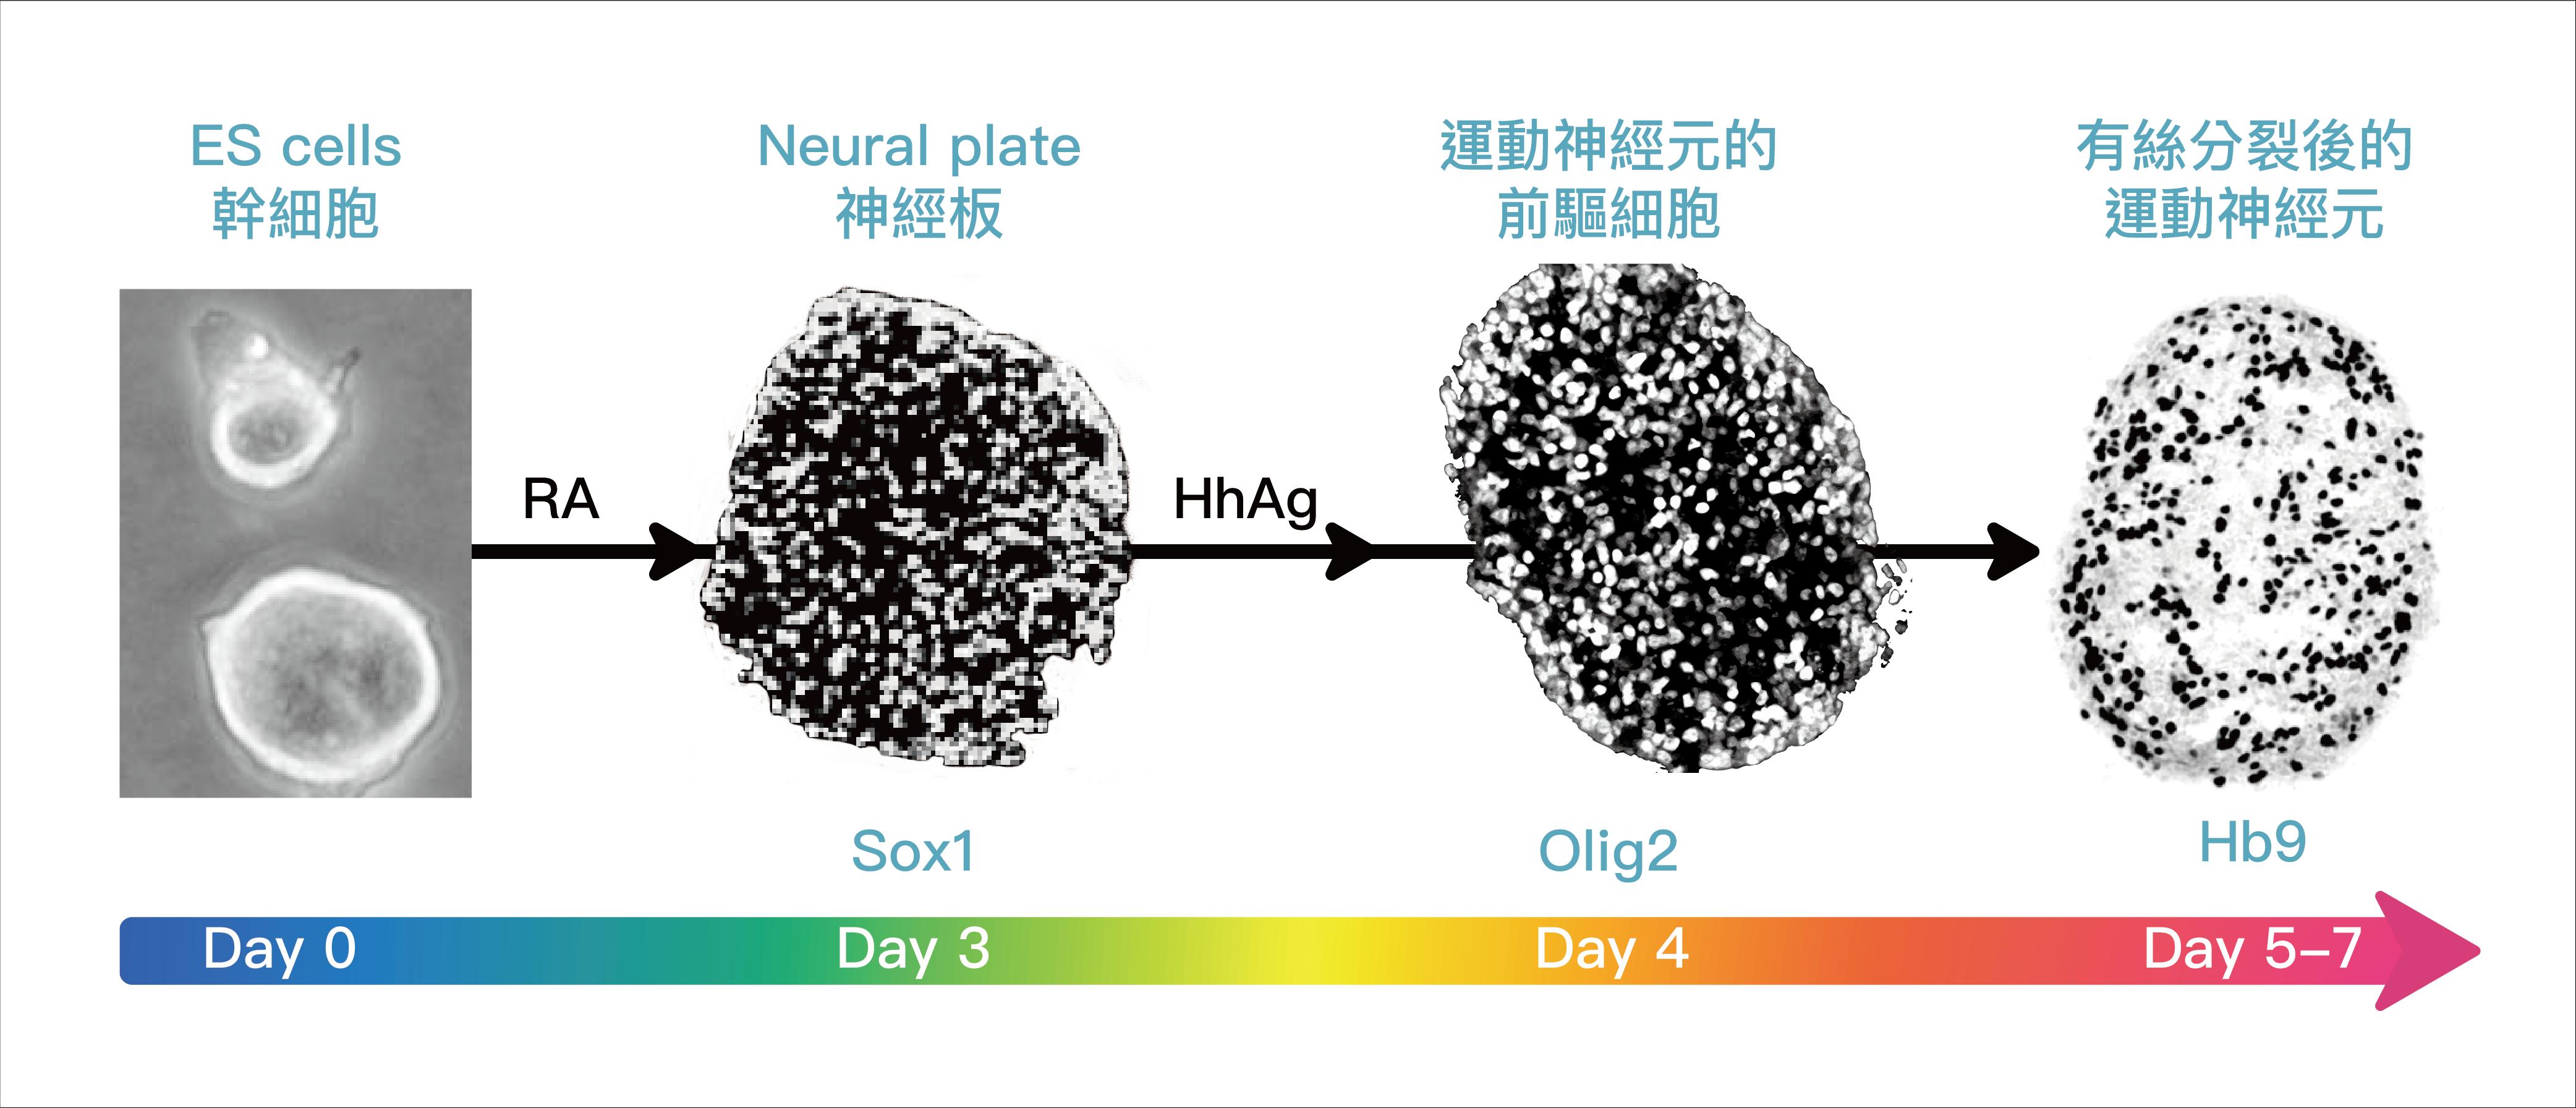 小鼠胚胎幹細胞 (ES cell) 在培養皿中,會根據外在訊號的濃度高低、生長因子的引導,演繹出不同的運動神經元前驅細胞,並進一步分化成不同的亞型 (subtype) 。圖│研之有物 (資料來源│陳俊安)